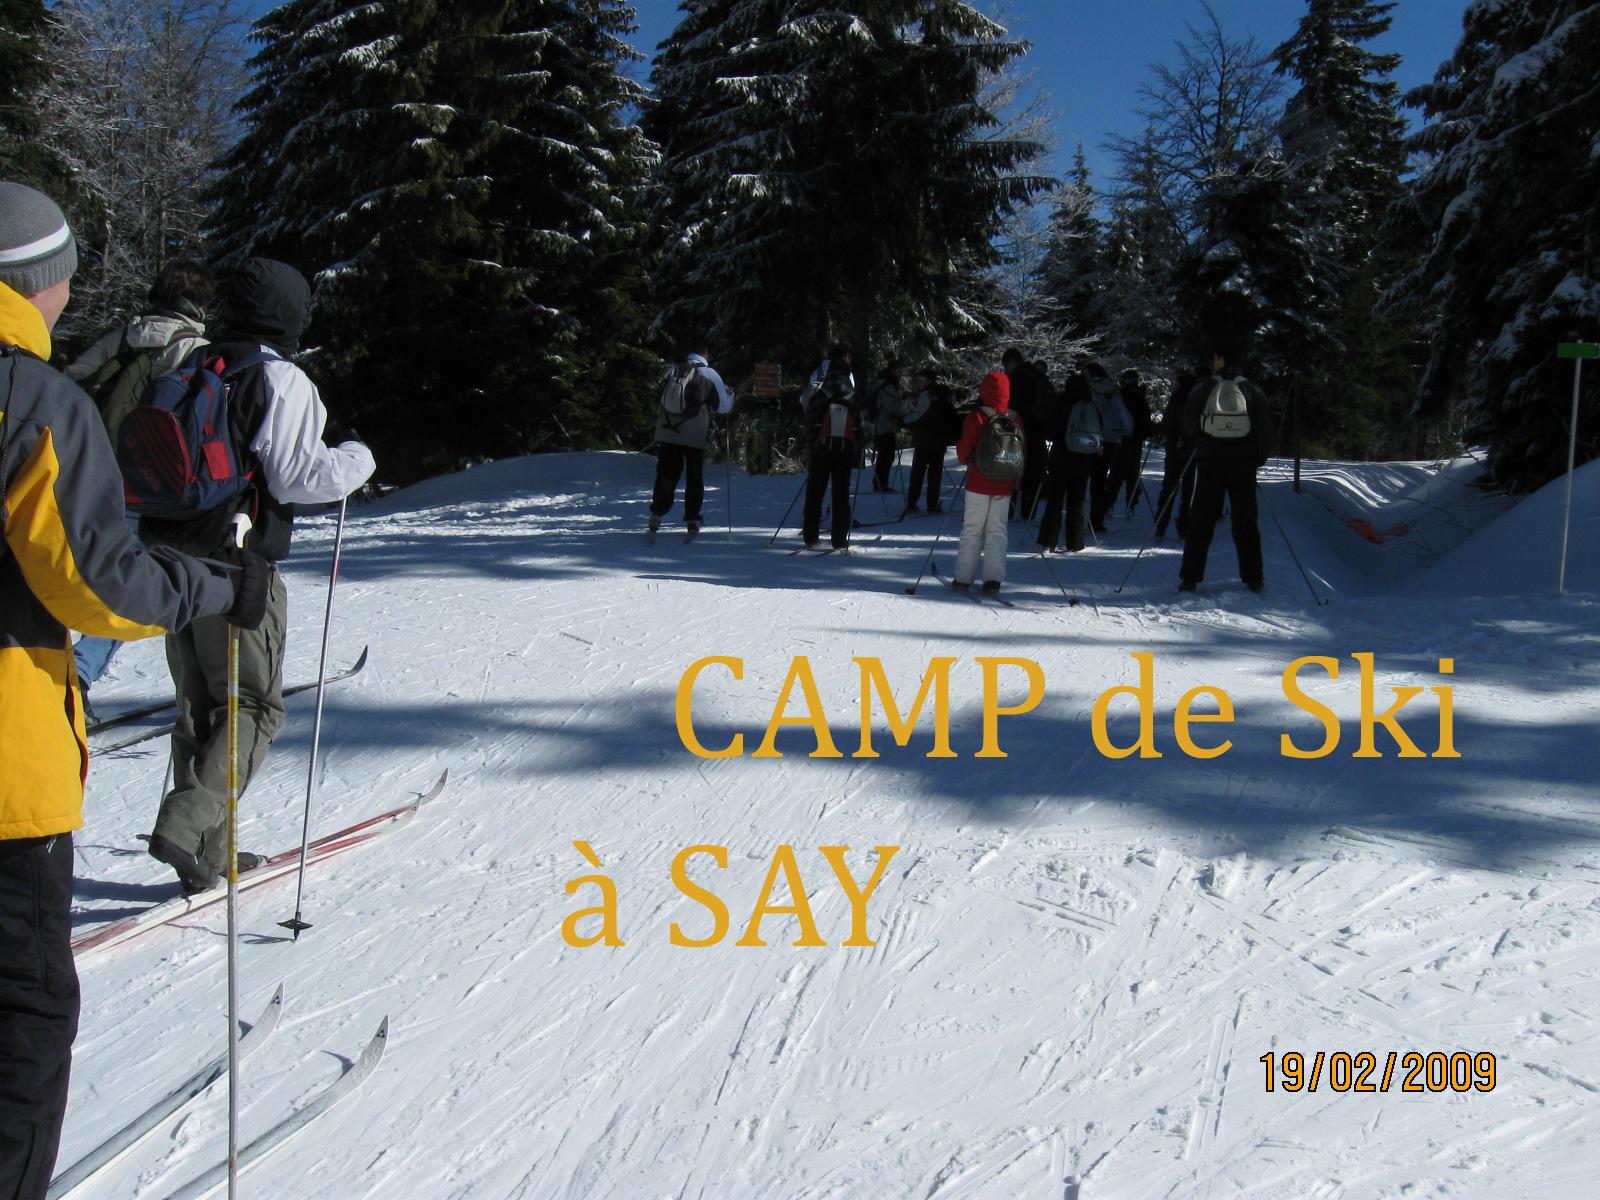 Camp de ski à Say en 2009